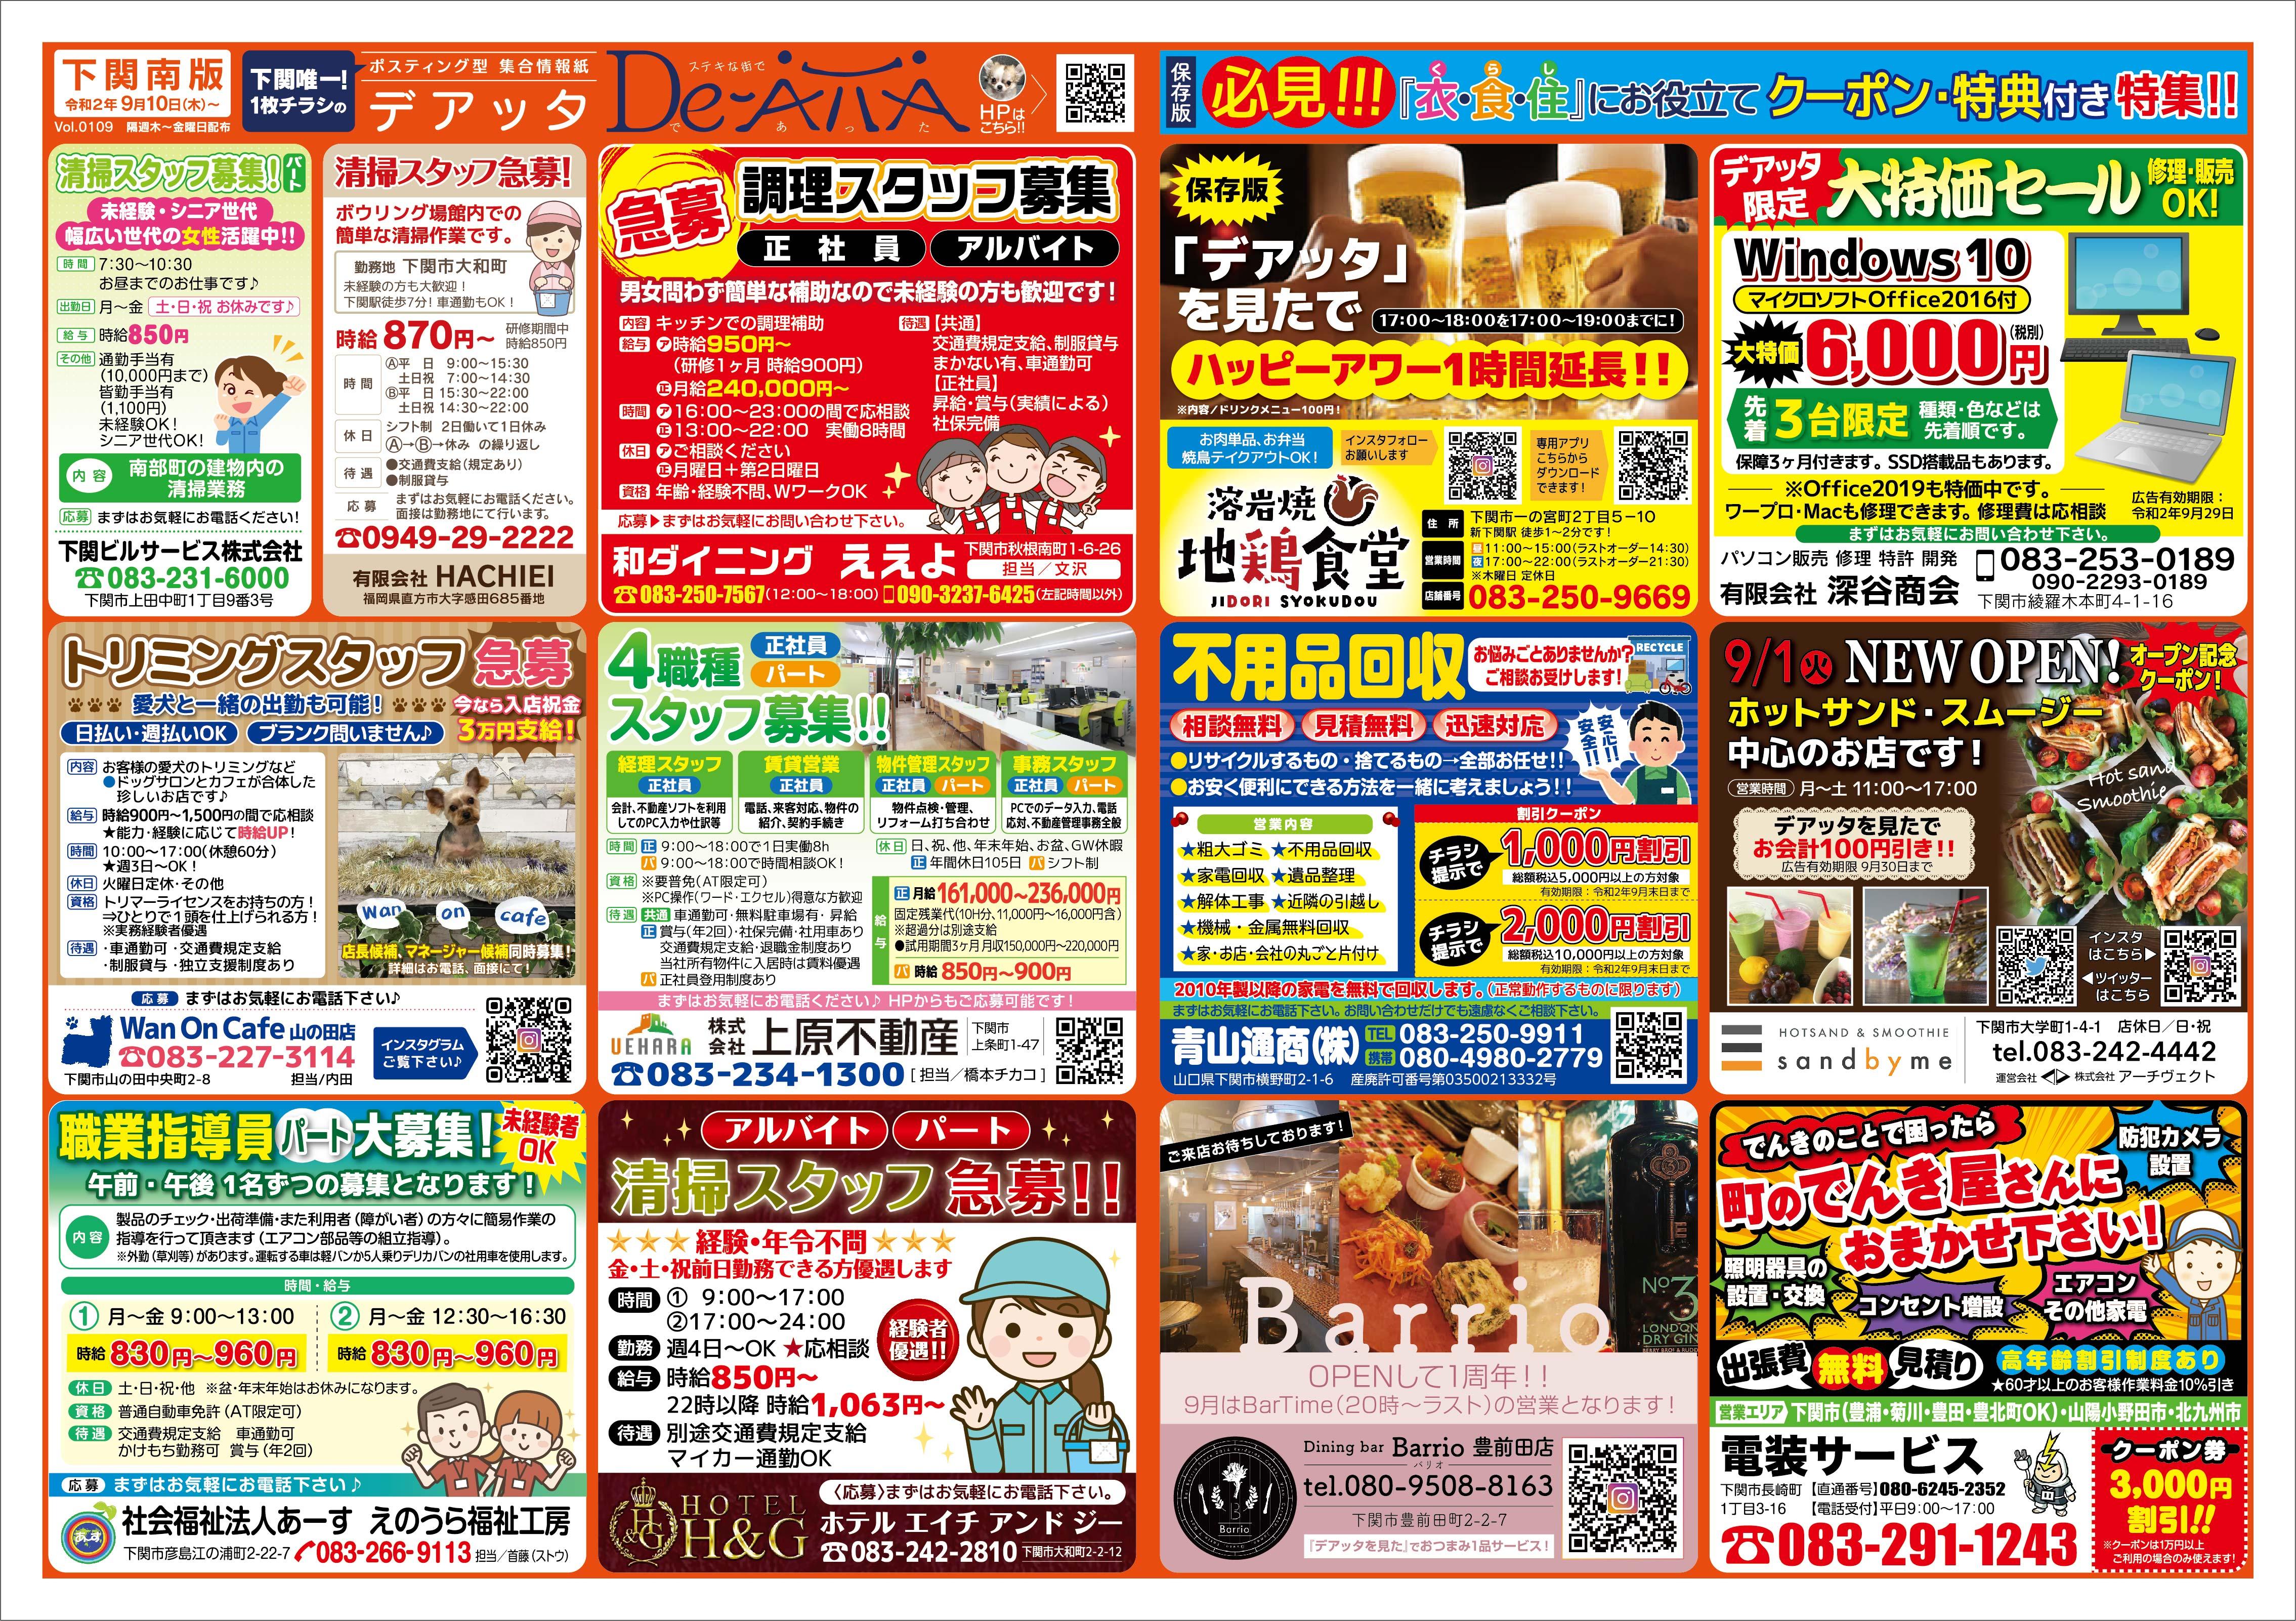 下関南版 令和2年9月10日号デアッタチラシ表イメージ